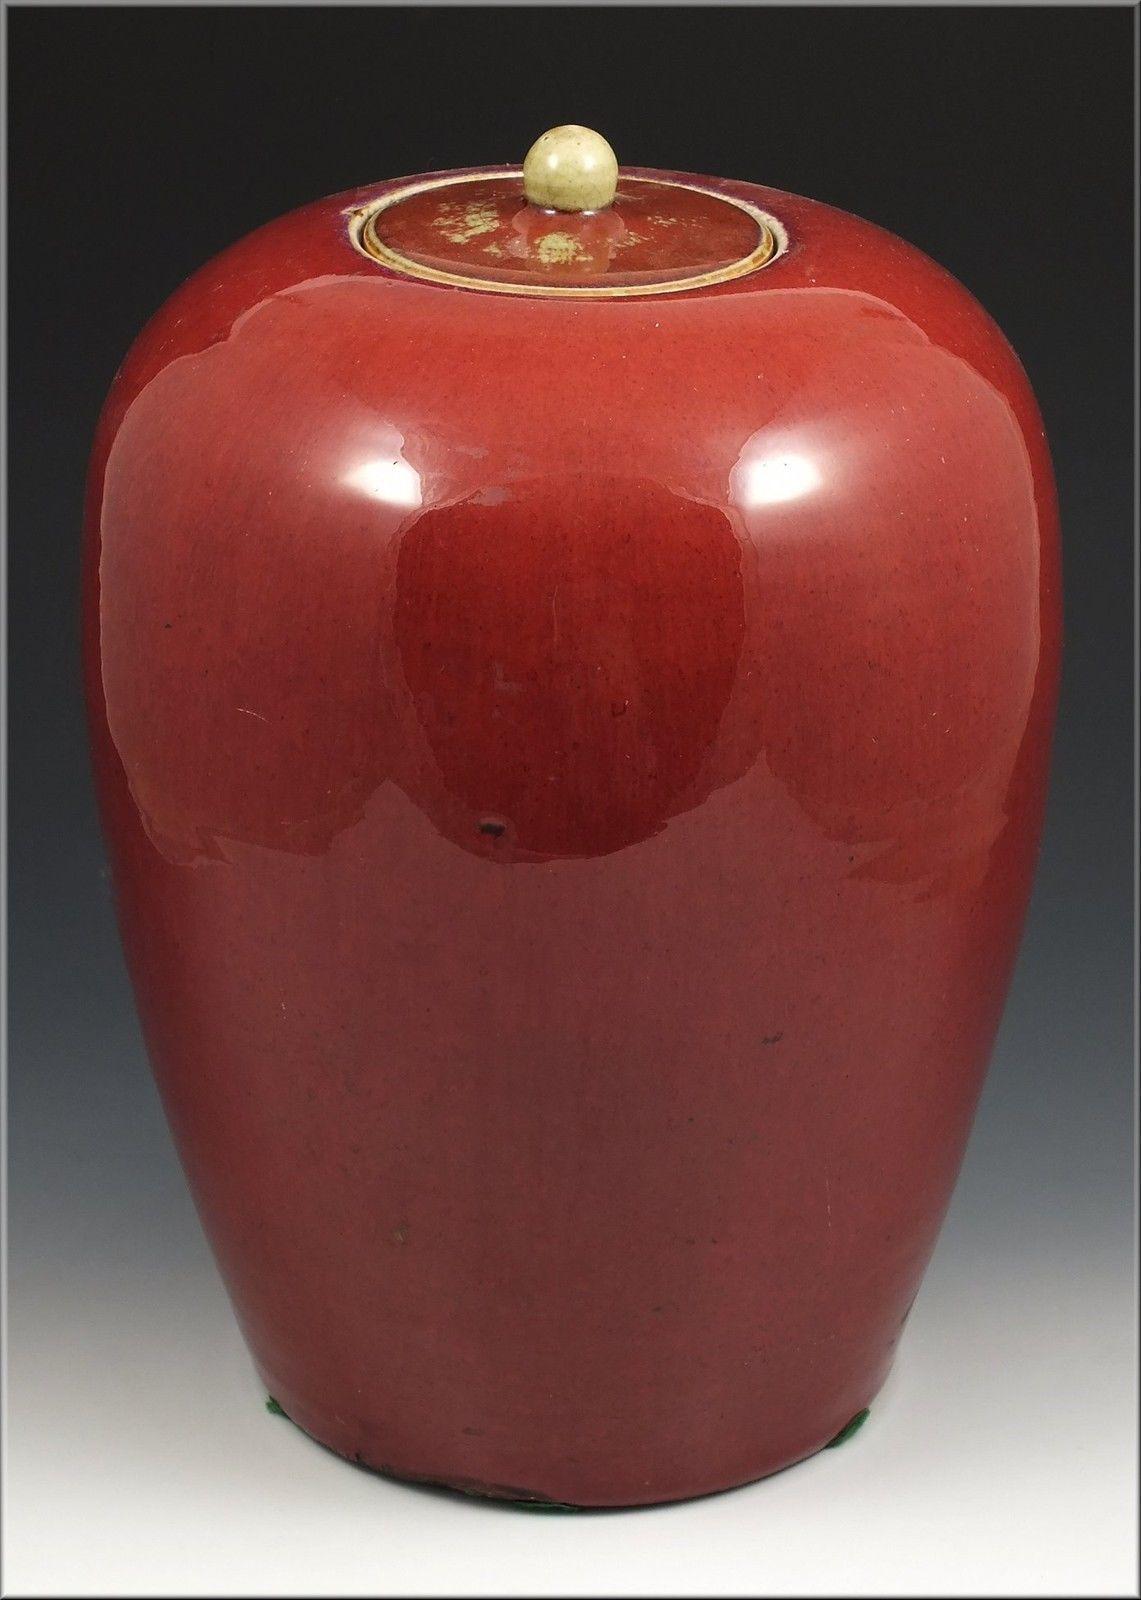 Large 18 19thc Antique Chinese Porcelain Sang De Boeuf Oxblood Glaze Covered Jar Vase Project Chinese Pottery Chinese Porcelain Vase